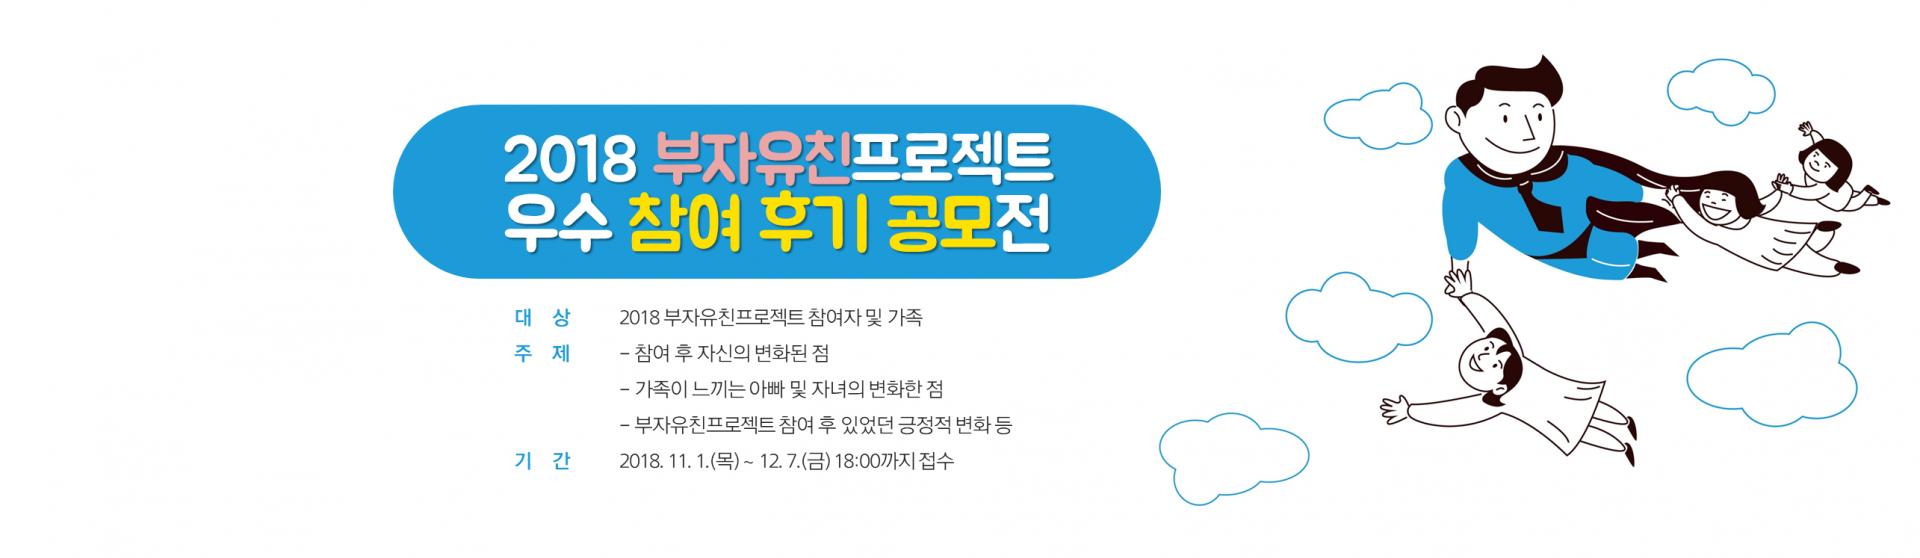 부자유친프로젝트 우수 참여 후기 공모전